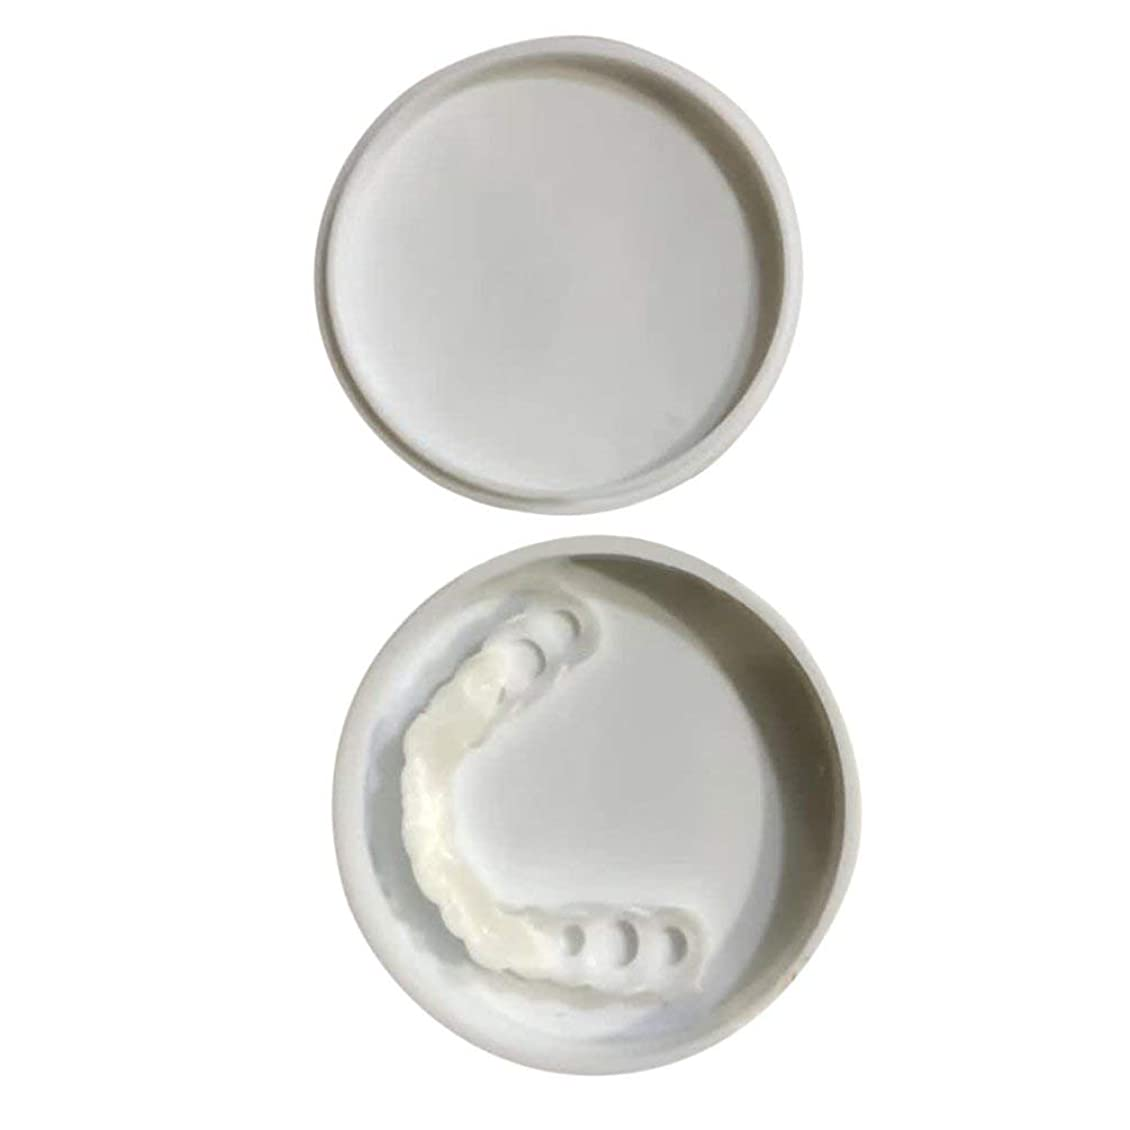 相対的ミリメーター新聞快適なスナップオン男性女性歯インスタントパーフェクトスマイルコンフォートフィットフレックス歯フィットホワイトニング笑顔偽歯カバー - ホワイト